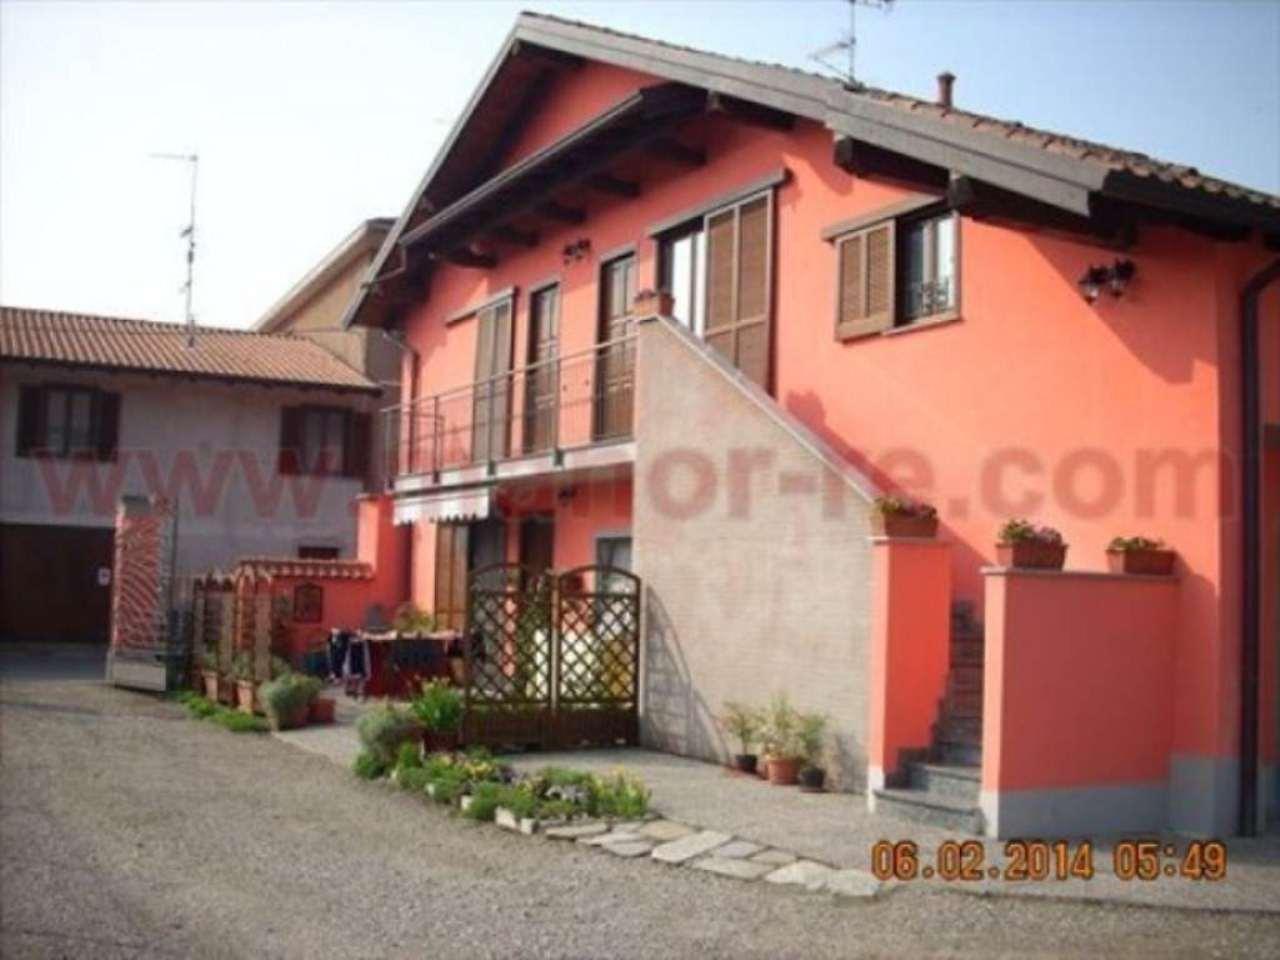 Appartamento in vendita a Fontaneto d'Agogna, 3 locali, prezzo € 105.000 | CambioCasa.it